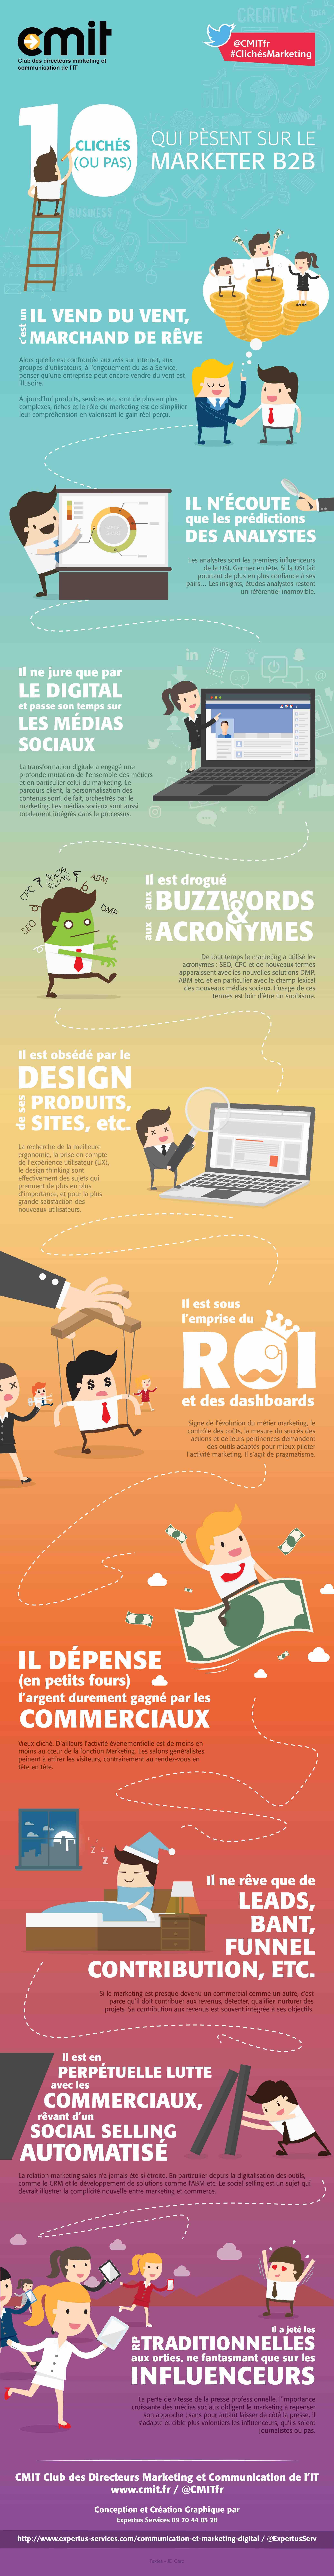 Infographie CMIT Les 10 clichés marketing